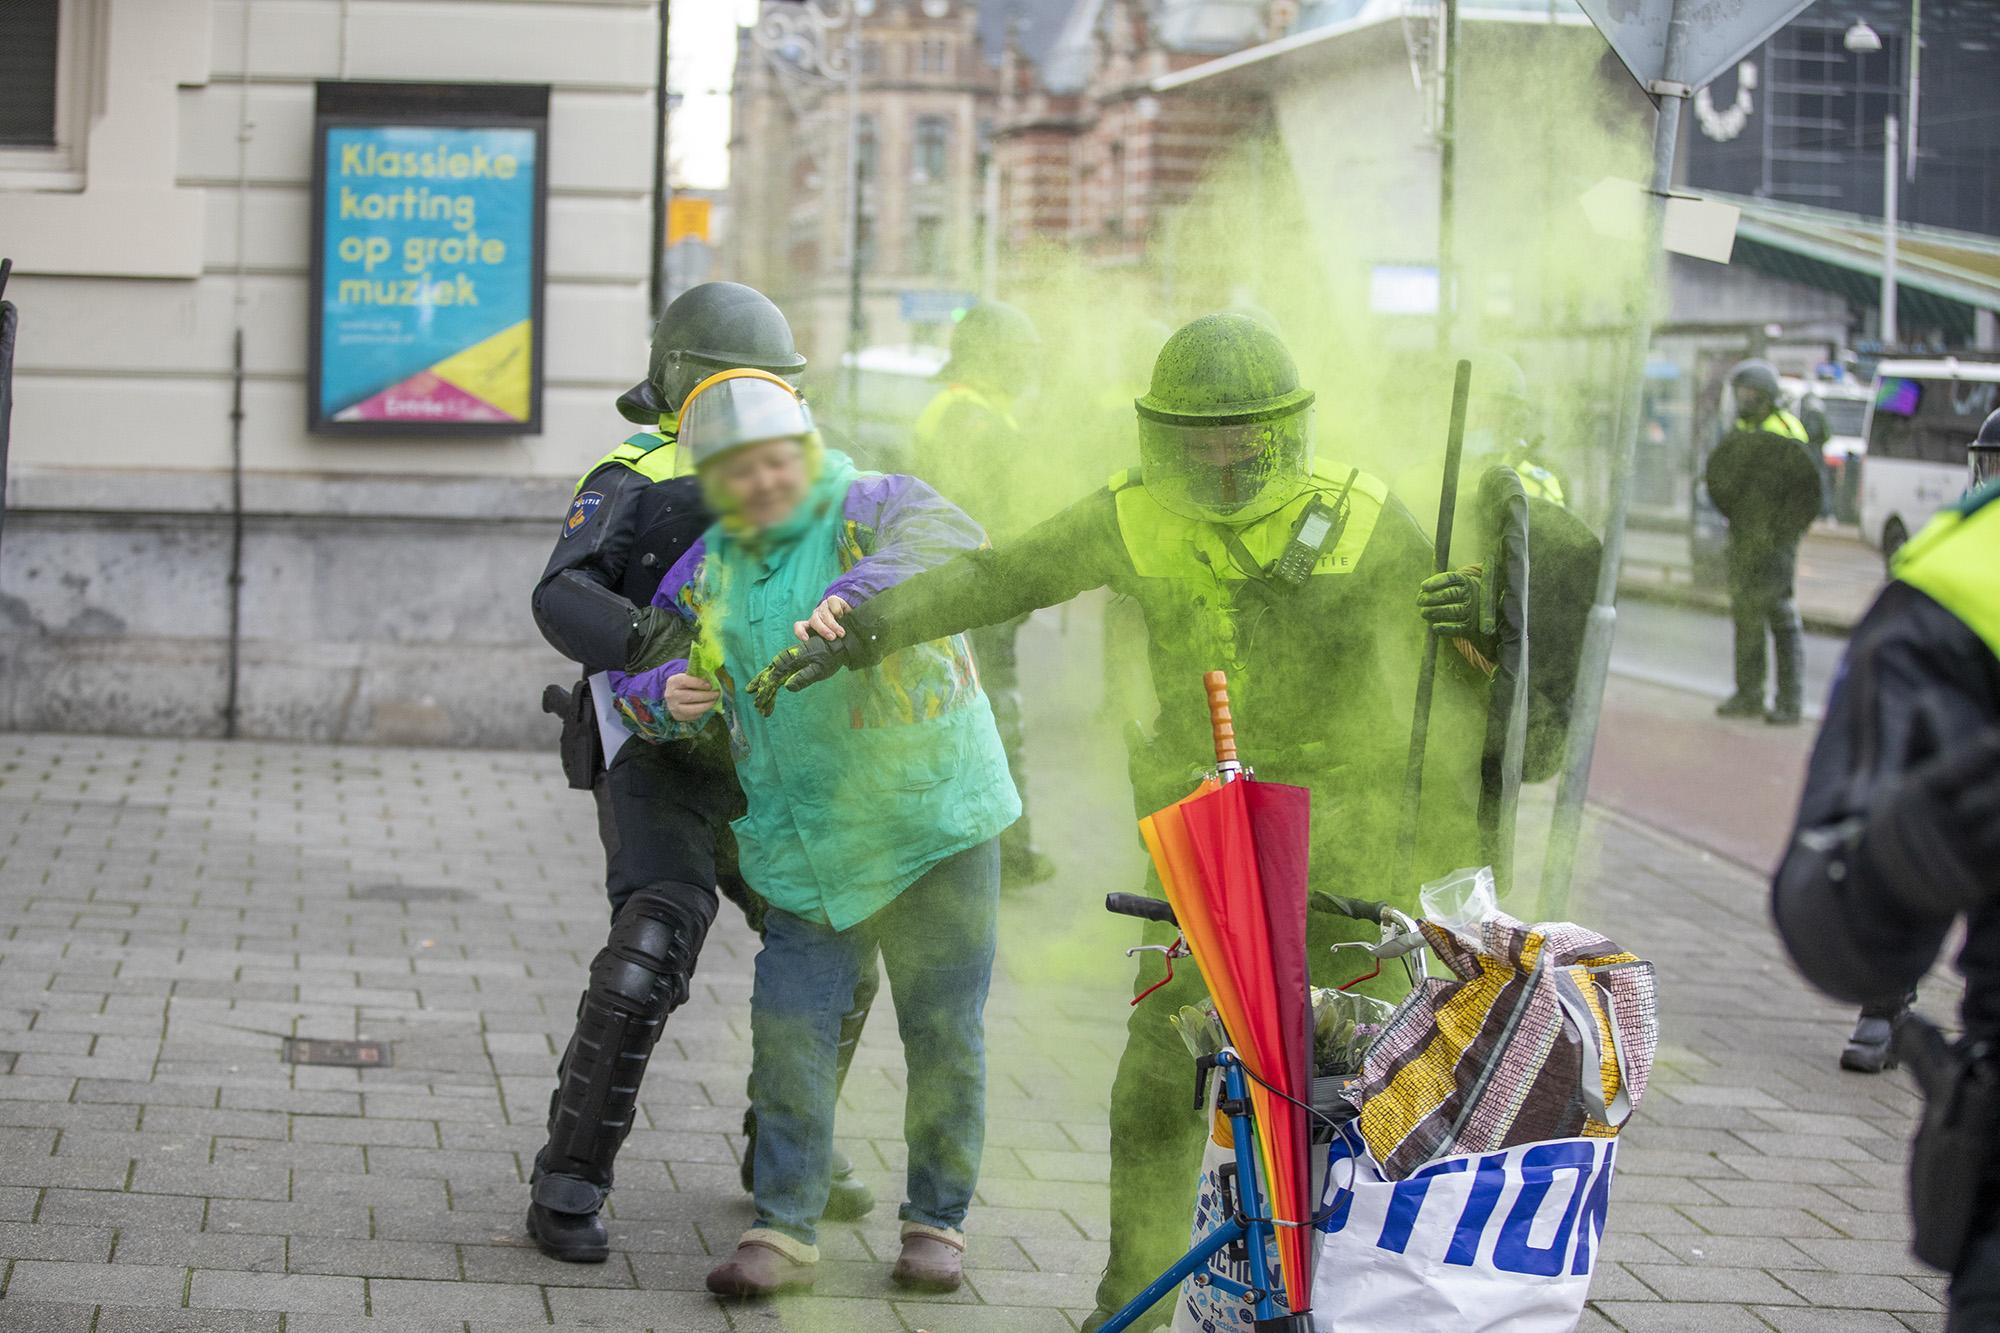 Politie beëindigt demonstratie tegen coronamaatregelen op Museumpein met waterkanon; ruim 170 mensen gearresteerd [fotoserie]